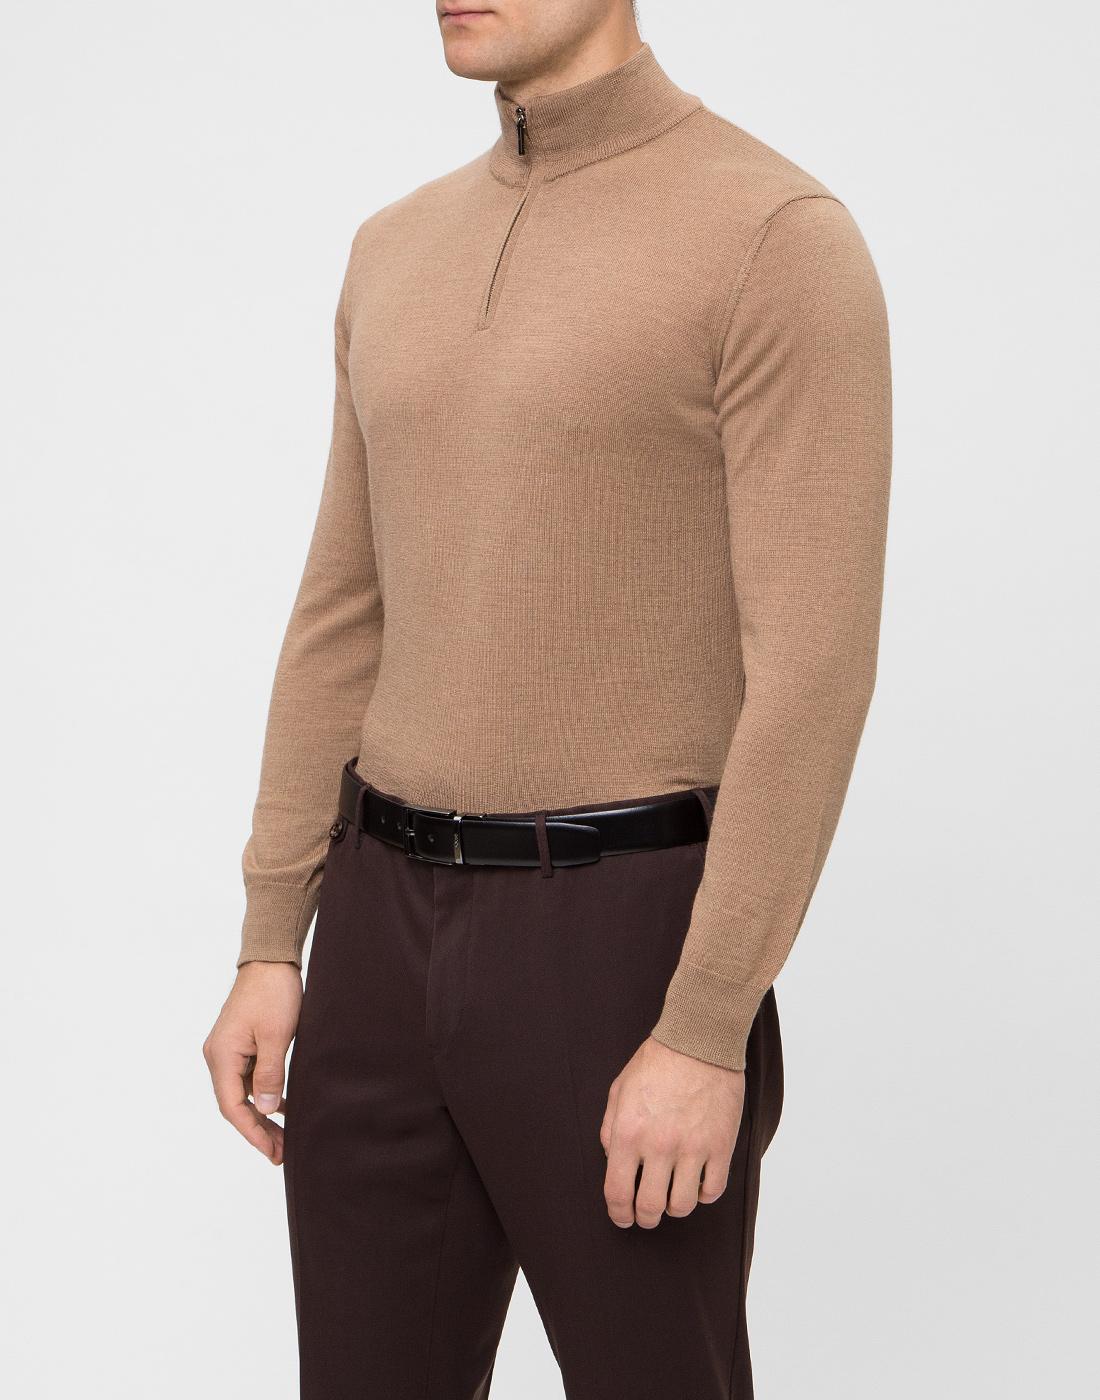 Мужской бежевый шерстяной свитер Dalmine S692029 537-3